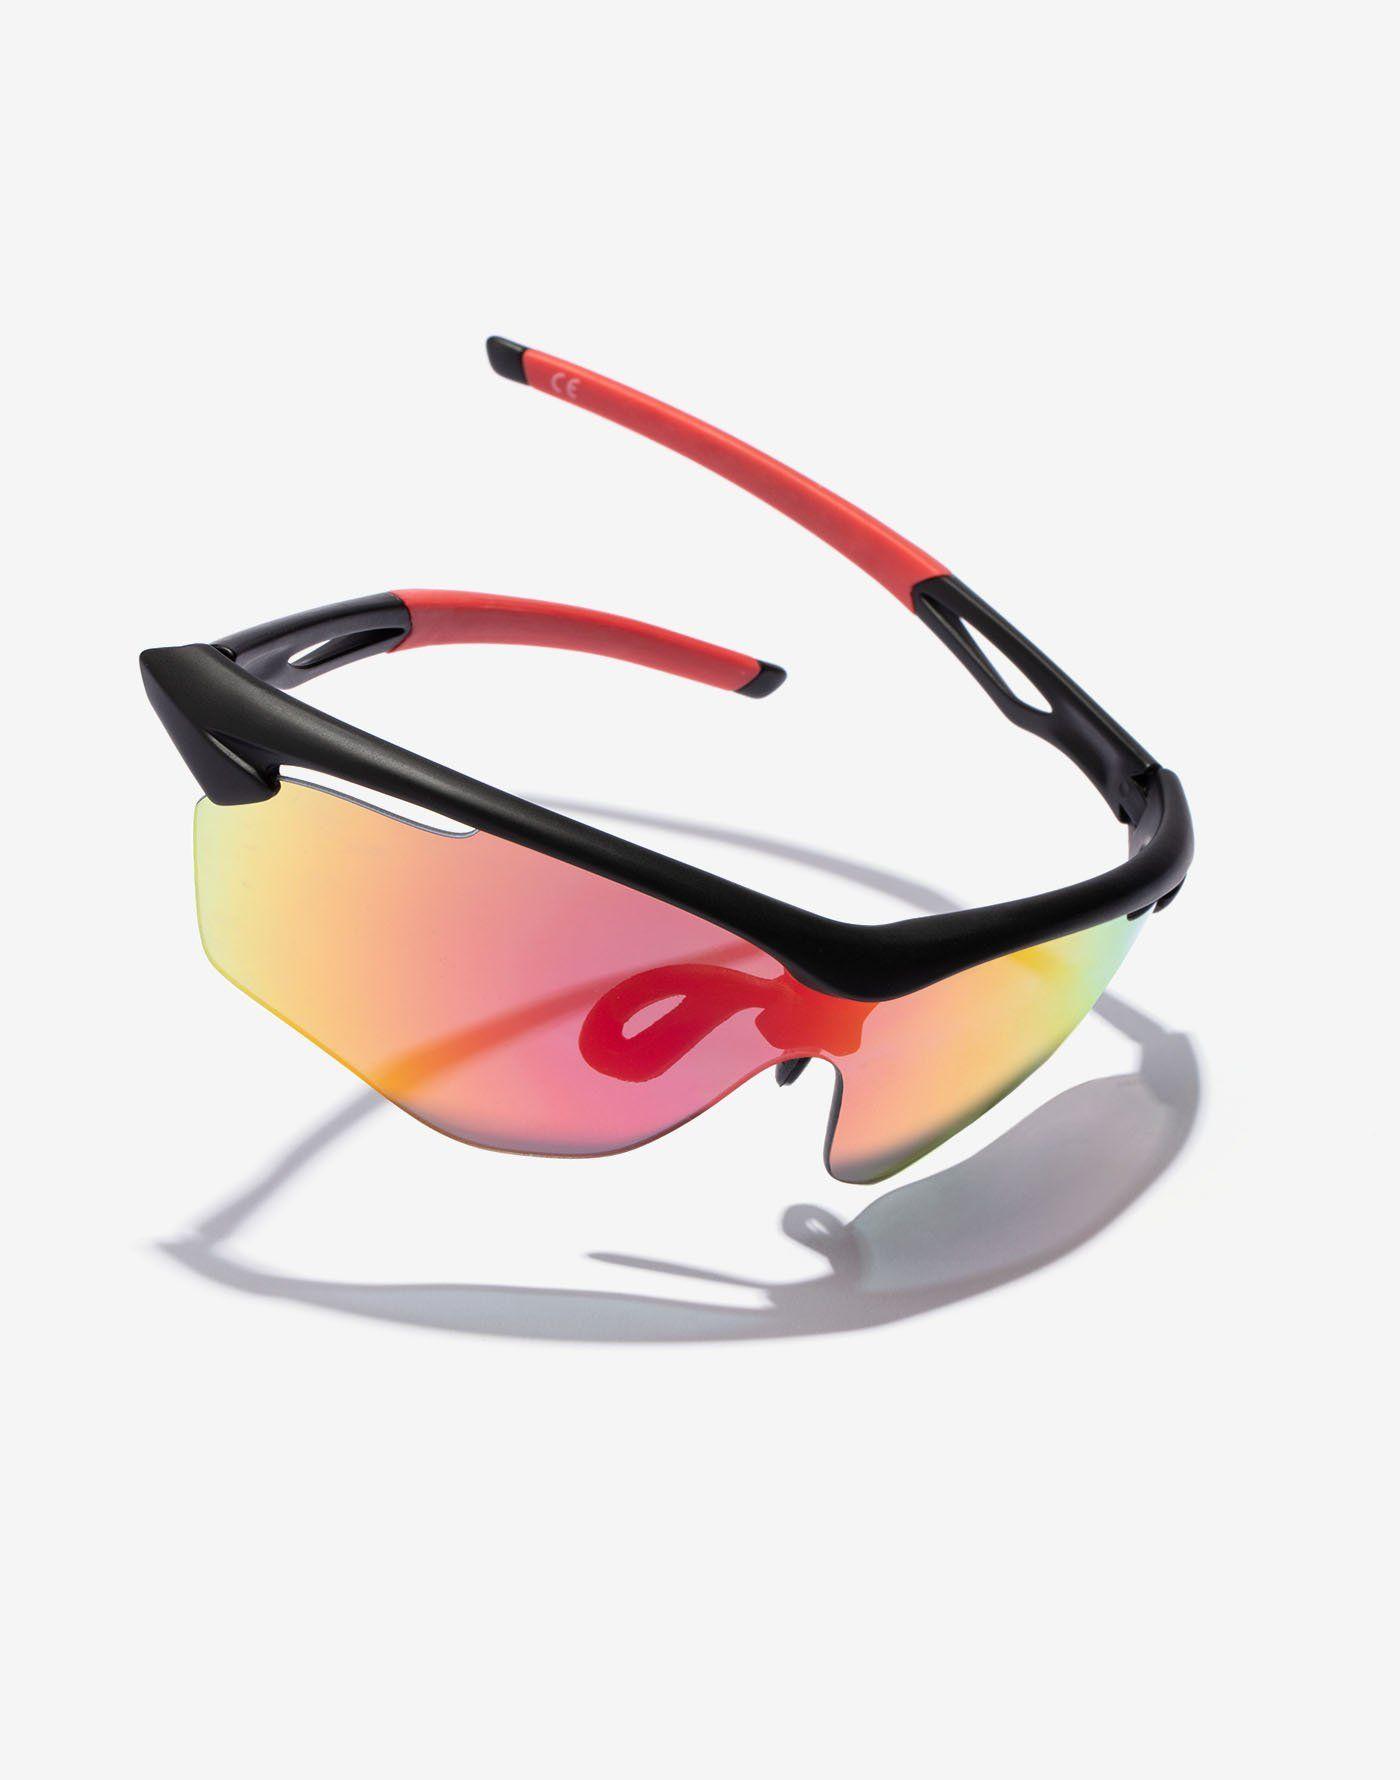 Gafas De Sol Polarizadas Deportivas Mujer Hawkers Gafas De Sol Lentes De Policarbonato Gafas De Sol Deportivas